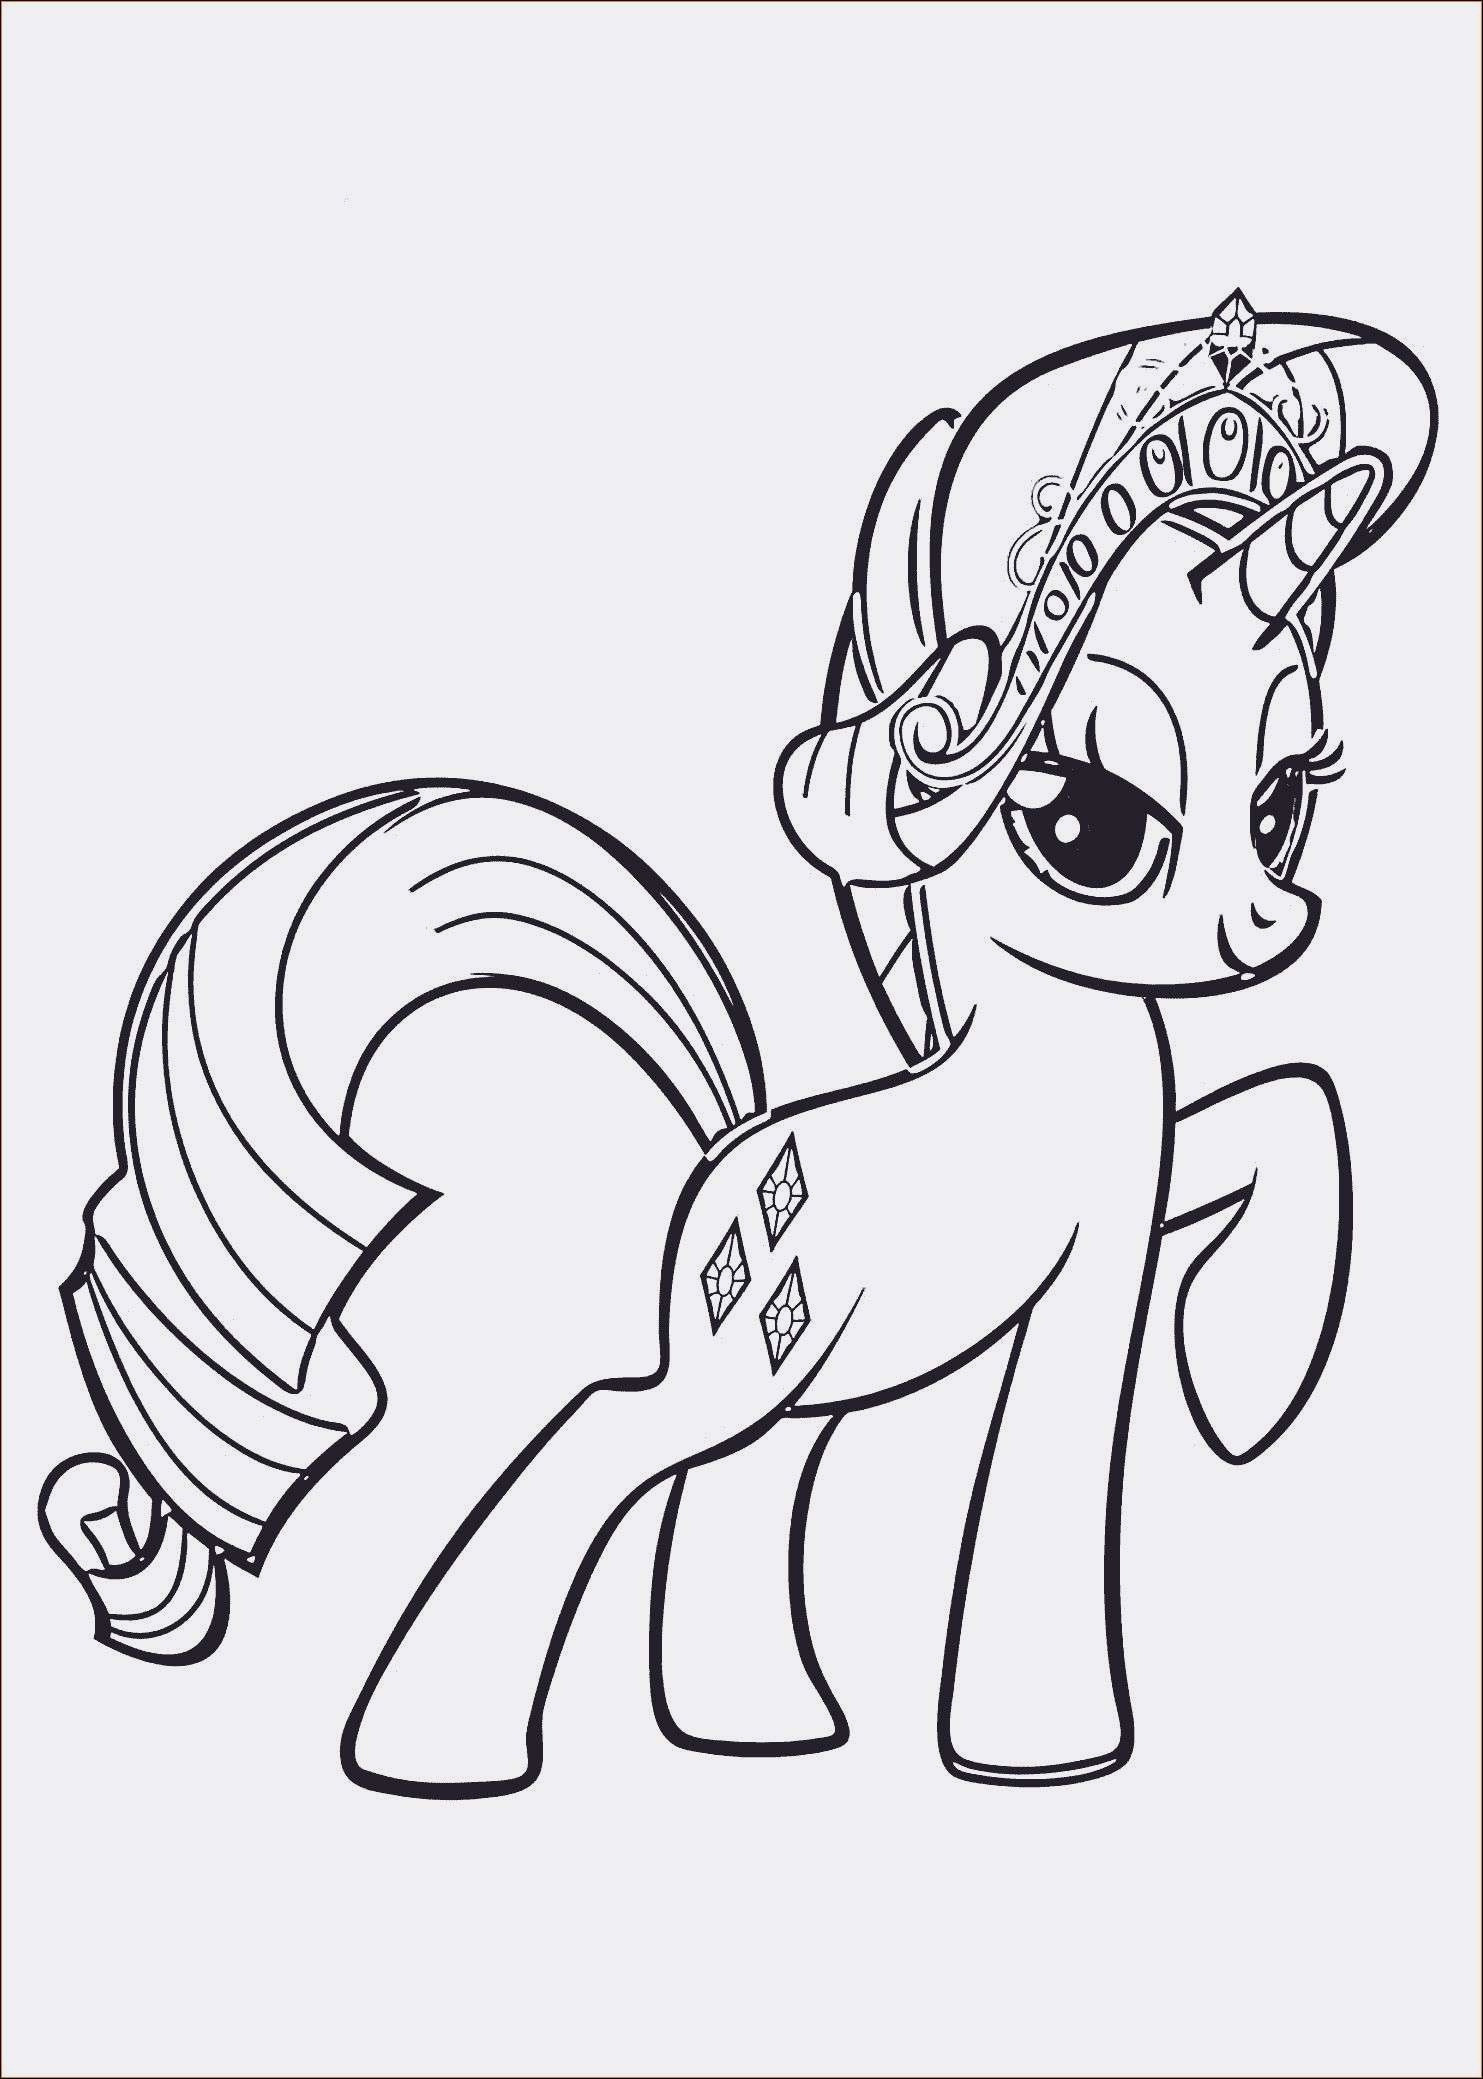 Equestria Girls Ausmalbilder Frisch Beispielbilder Färben My Little Pony Ausmalbilder Genial My Little Sammlung